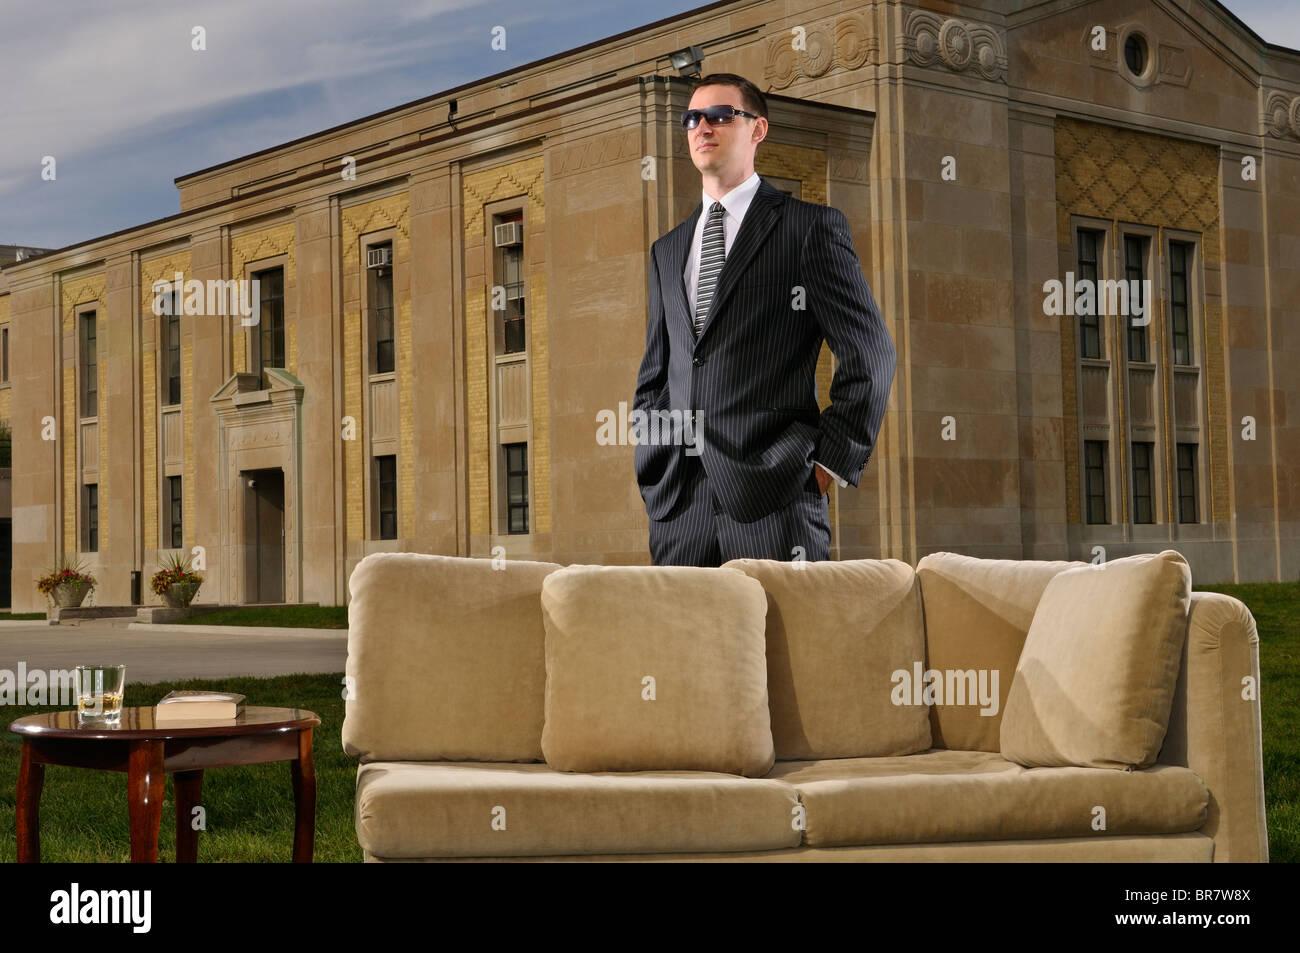 Wohlhabende junge Mann in Anzug hinter einer Couch und Tisch auf dem Rasen an einem Art Deco Mansion Stockbild